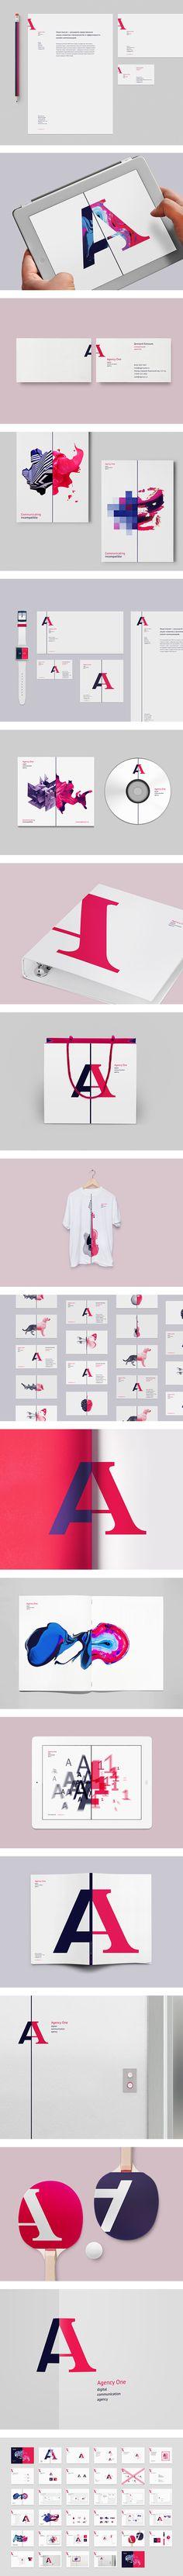 Agency One by Vova Lifanov #branding